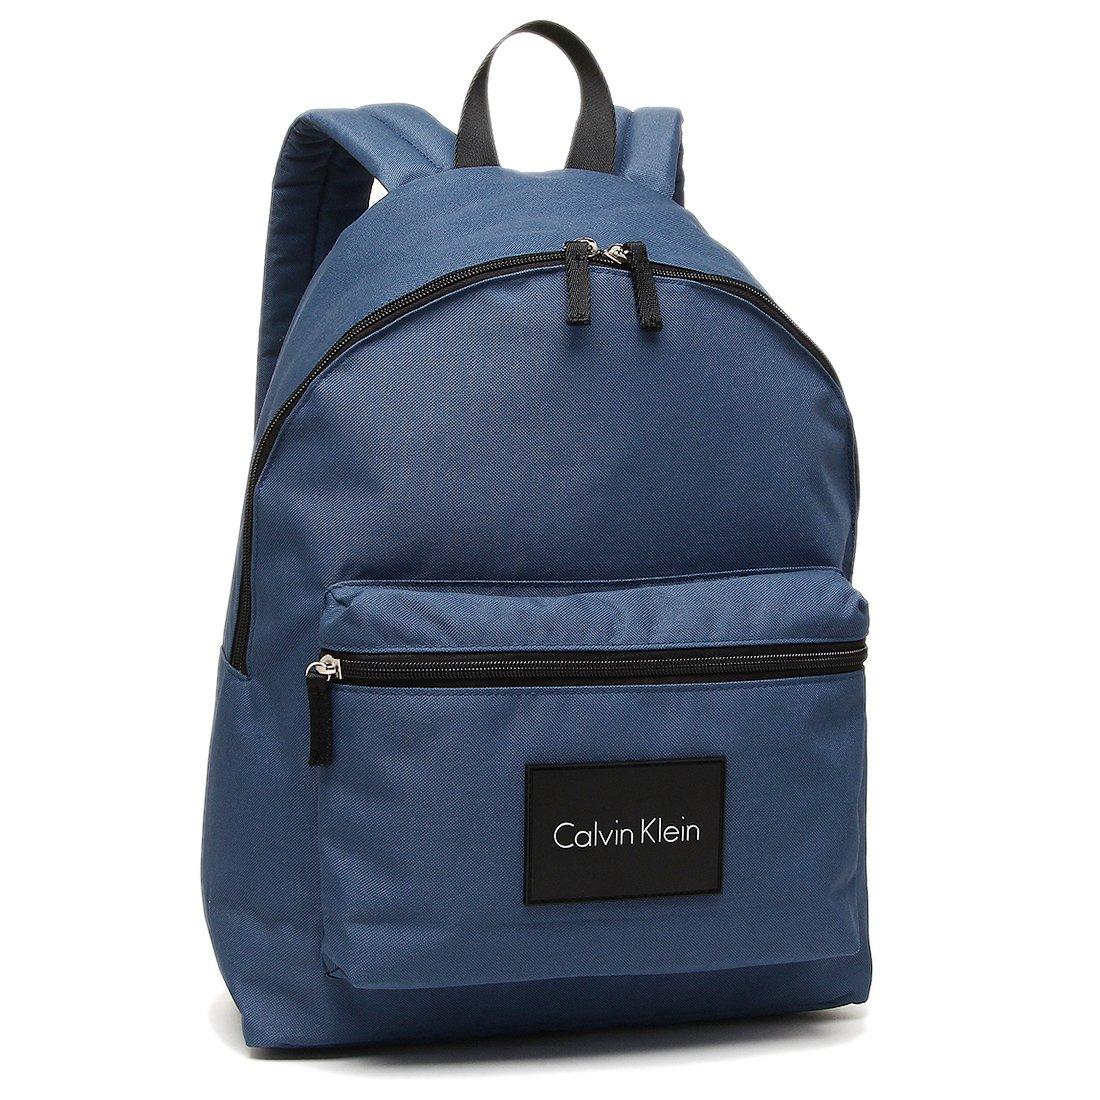 カルバンクライン バッグ アウトレット CALVIN KLEIN 46408615 404 メンズ リュックバックパック 無地 ネイビー 紺 [並行輸入品] B07D52F4P8